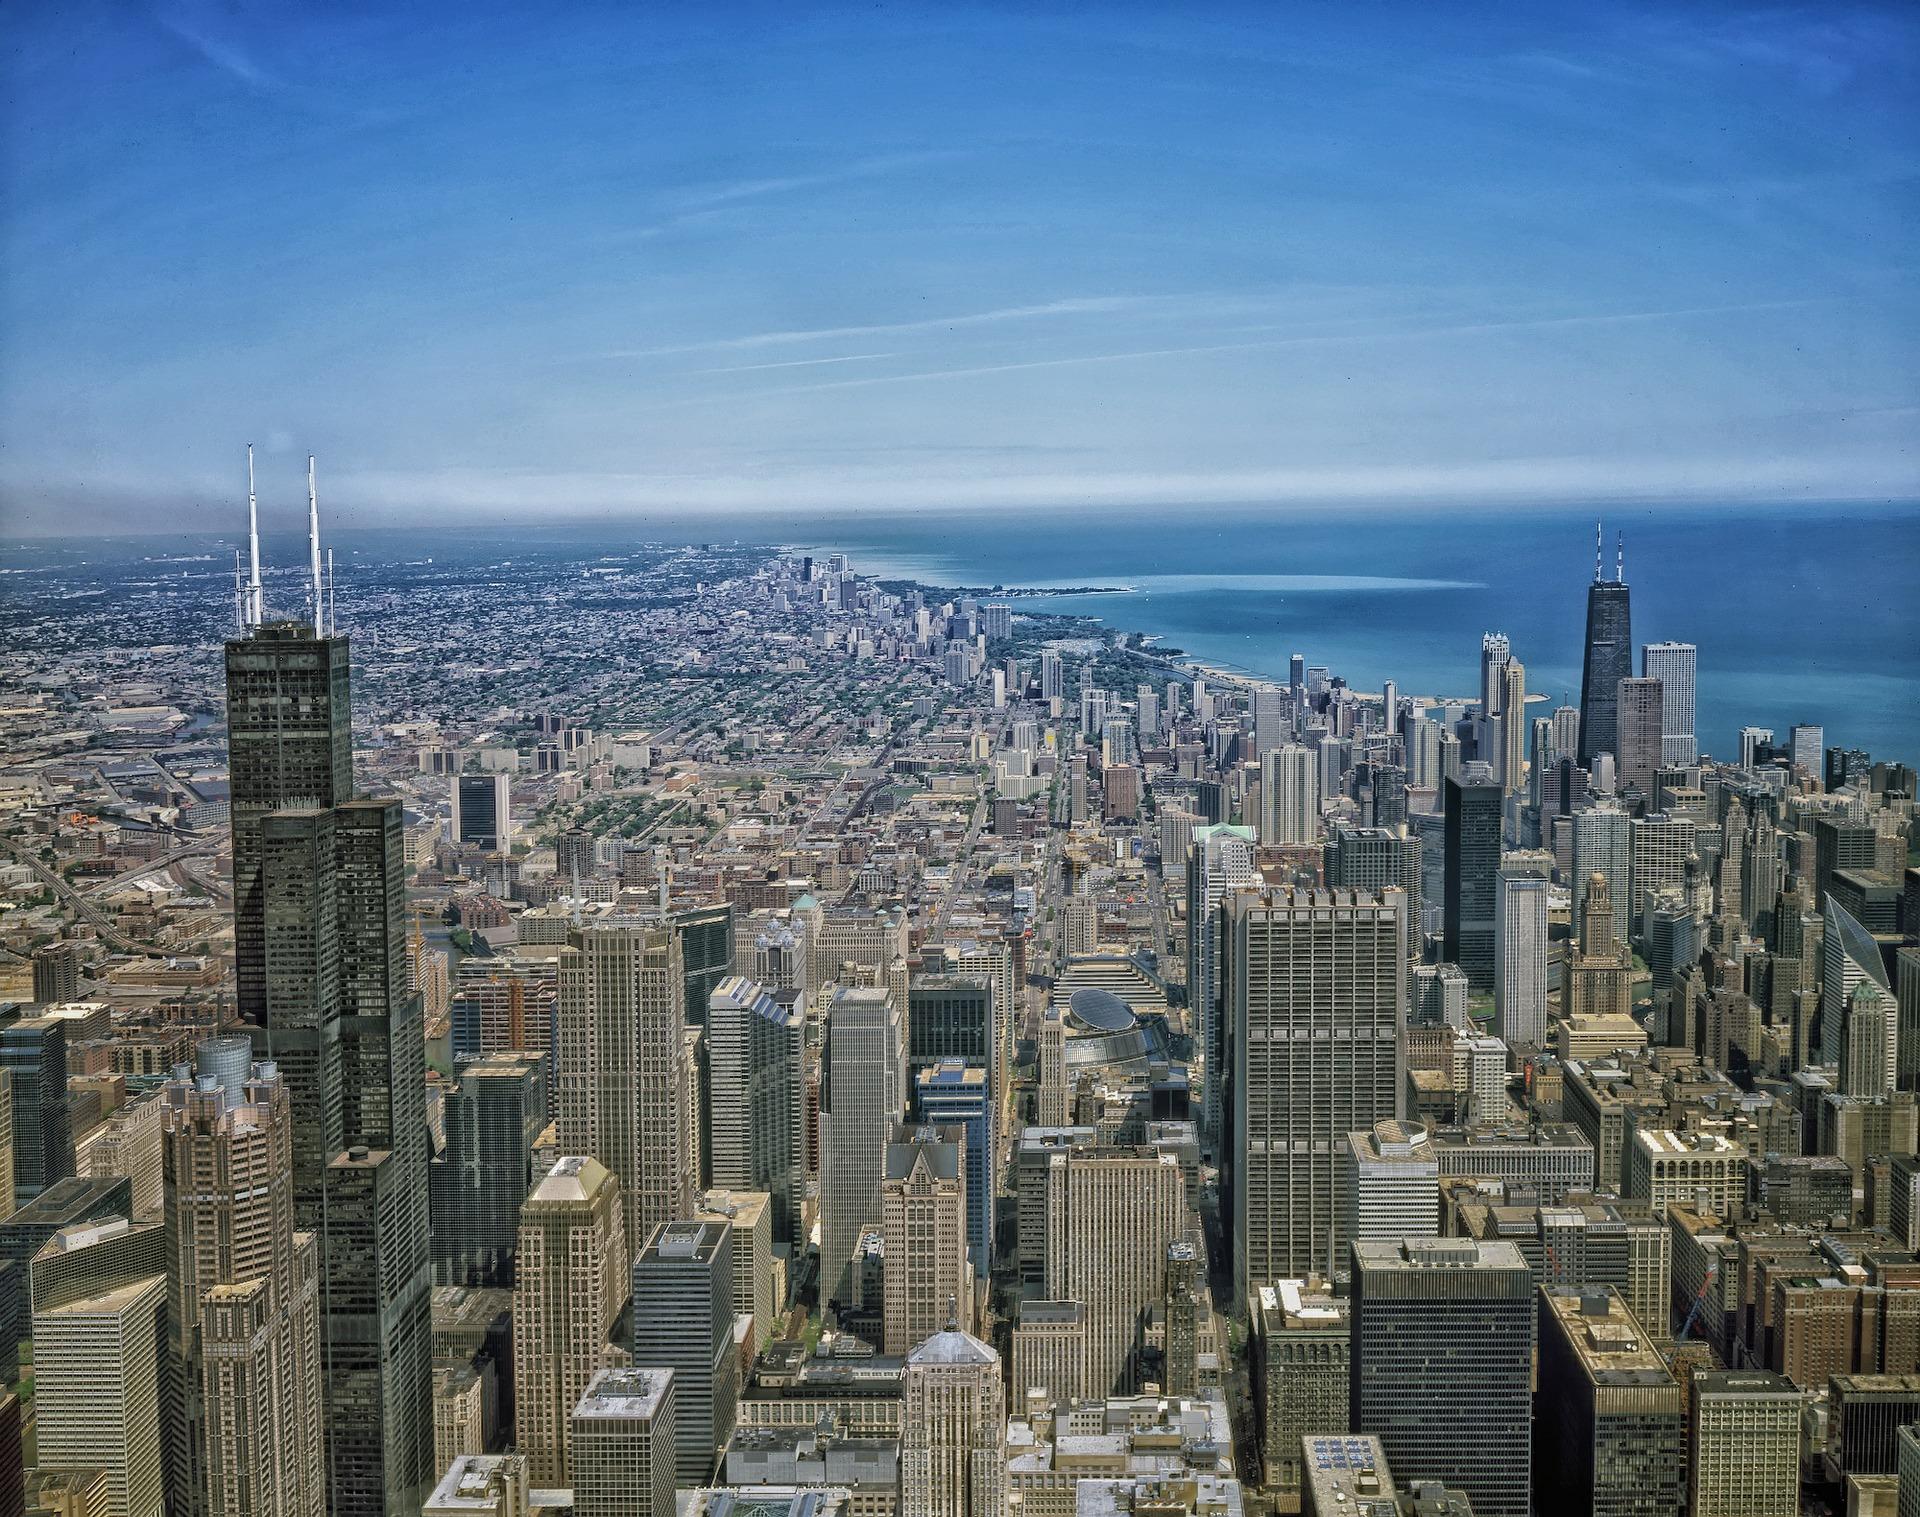 chicago-398715_1920.jpg